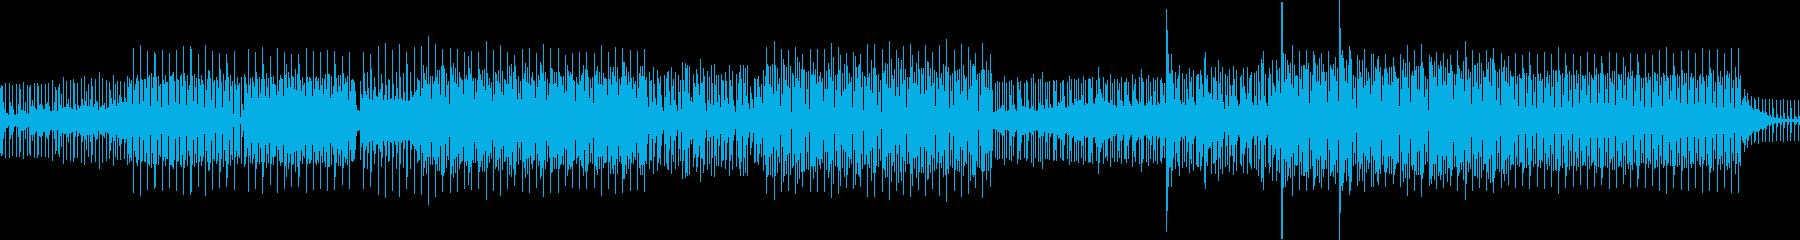 混乱溝。アンビエントチル。の再生済みの波形